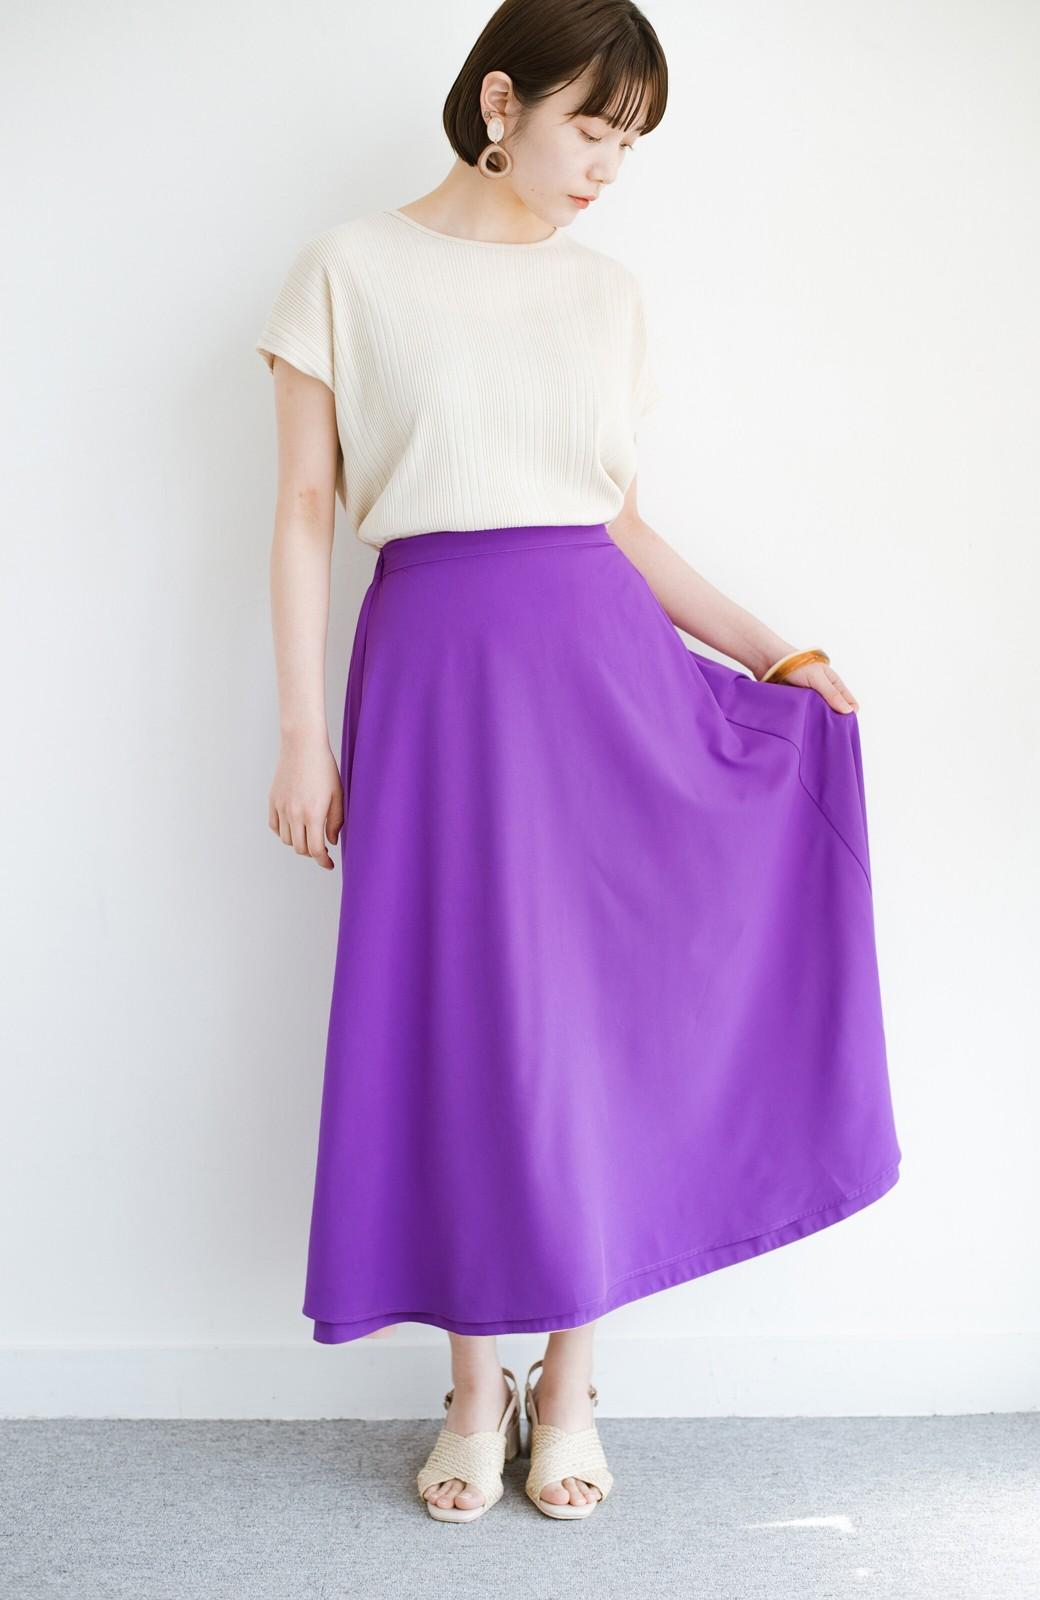 haco! オフィスにもデートにも! 便利なのはきれいに見えて楽ちんなリバーシブルスカート <ピンク系その他>の商品写真5